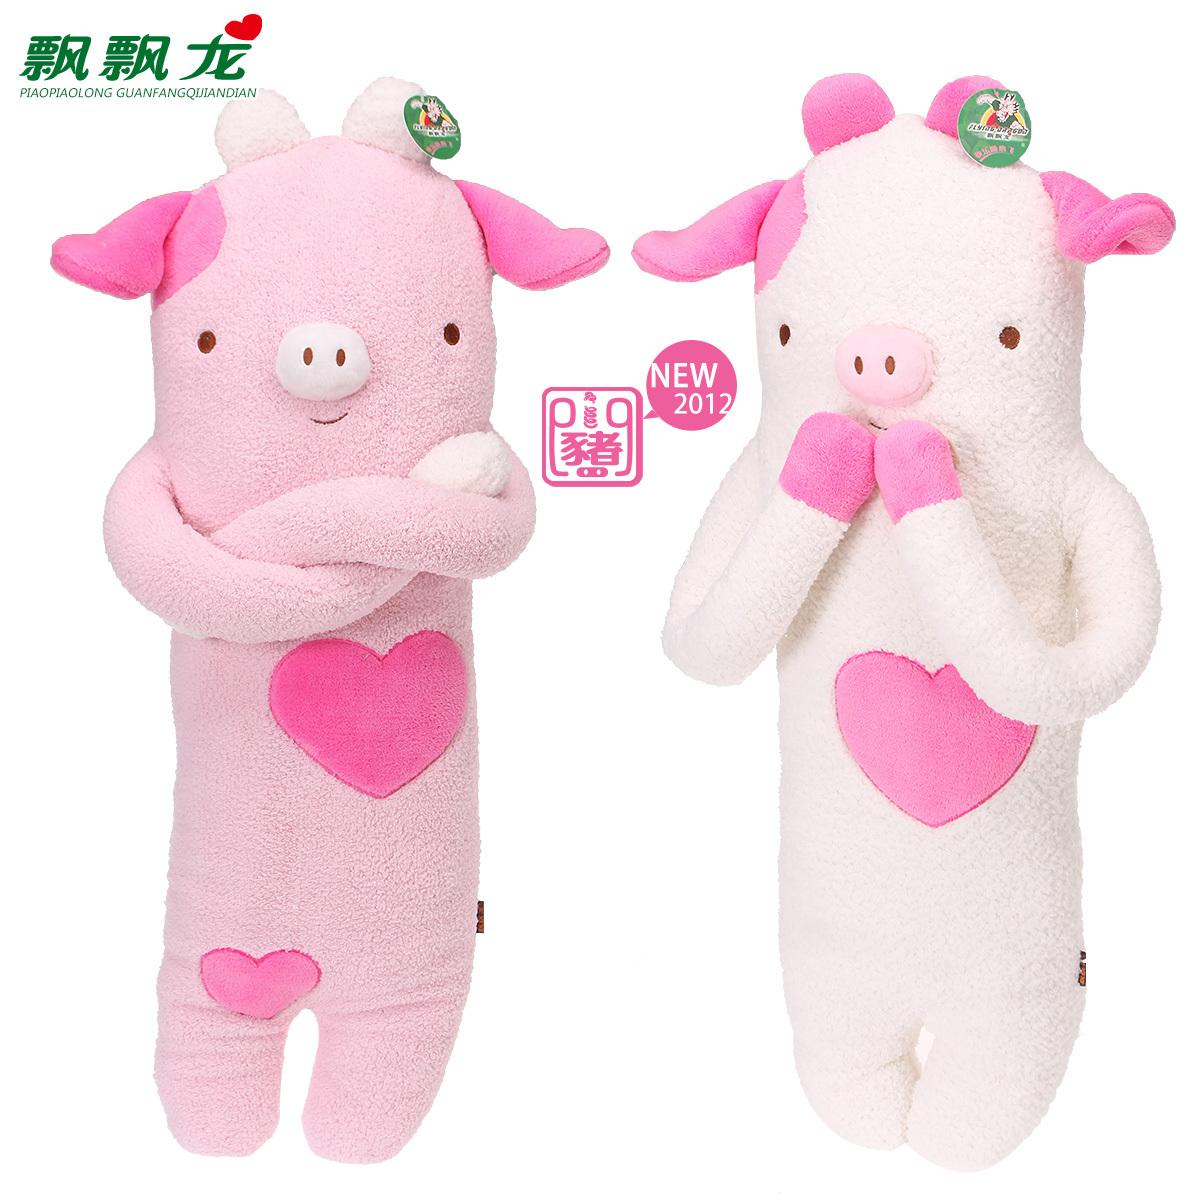 飘飘龙 可爱布娃娃猪公仔 男朋友抱枕 情侣猪毛绒玩具 生日礼物女